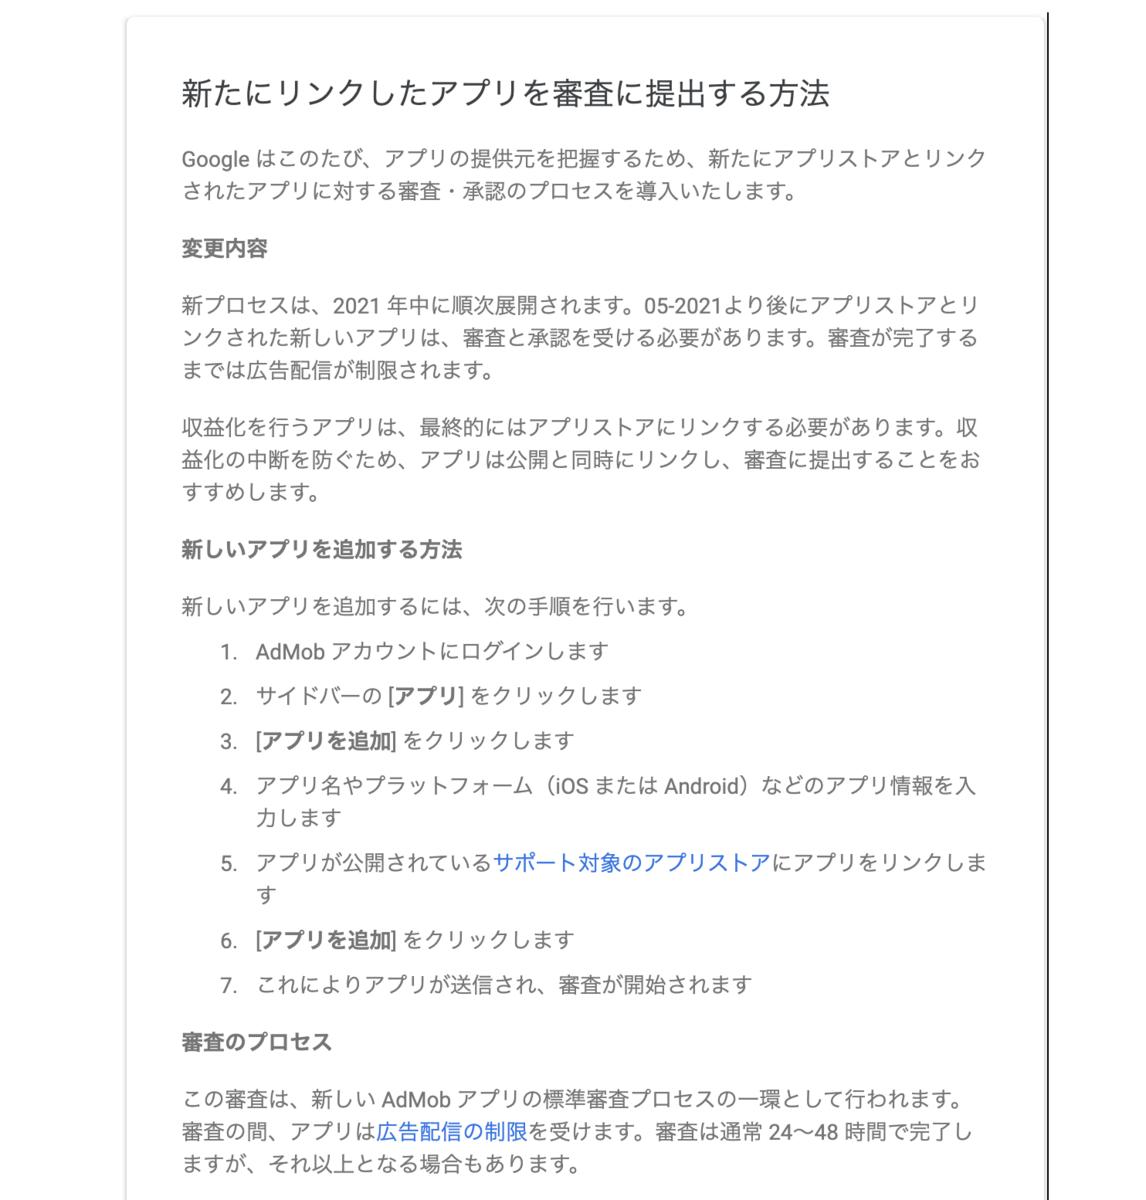 Admob広告は今後、アプリリリース時に表示できなくなりそう